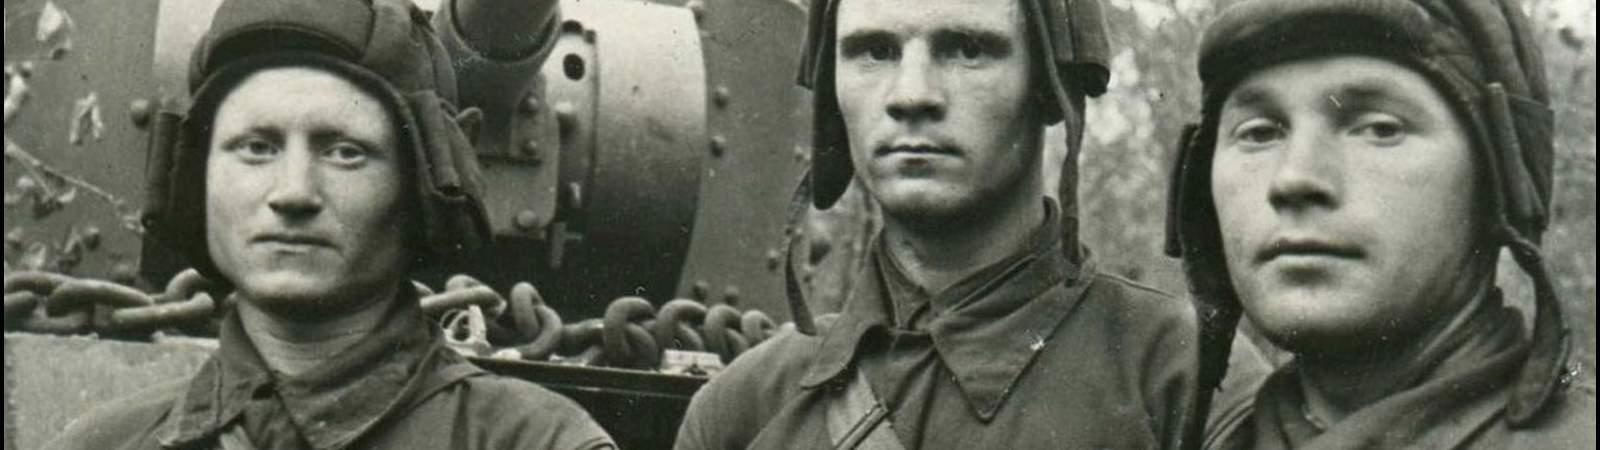 Танкисты Великой войны